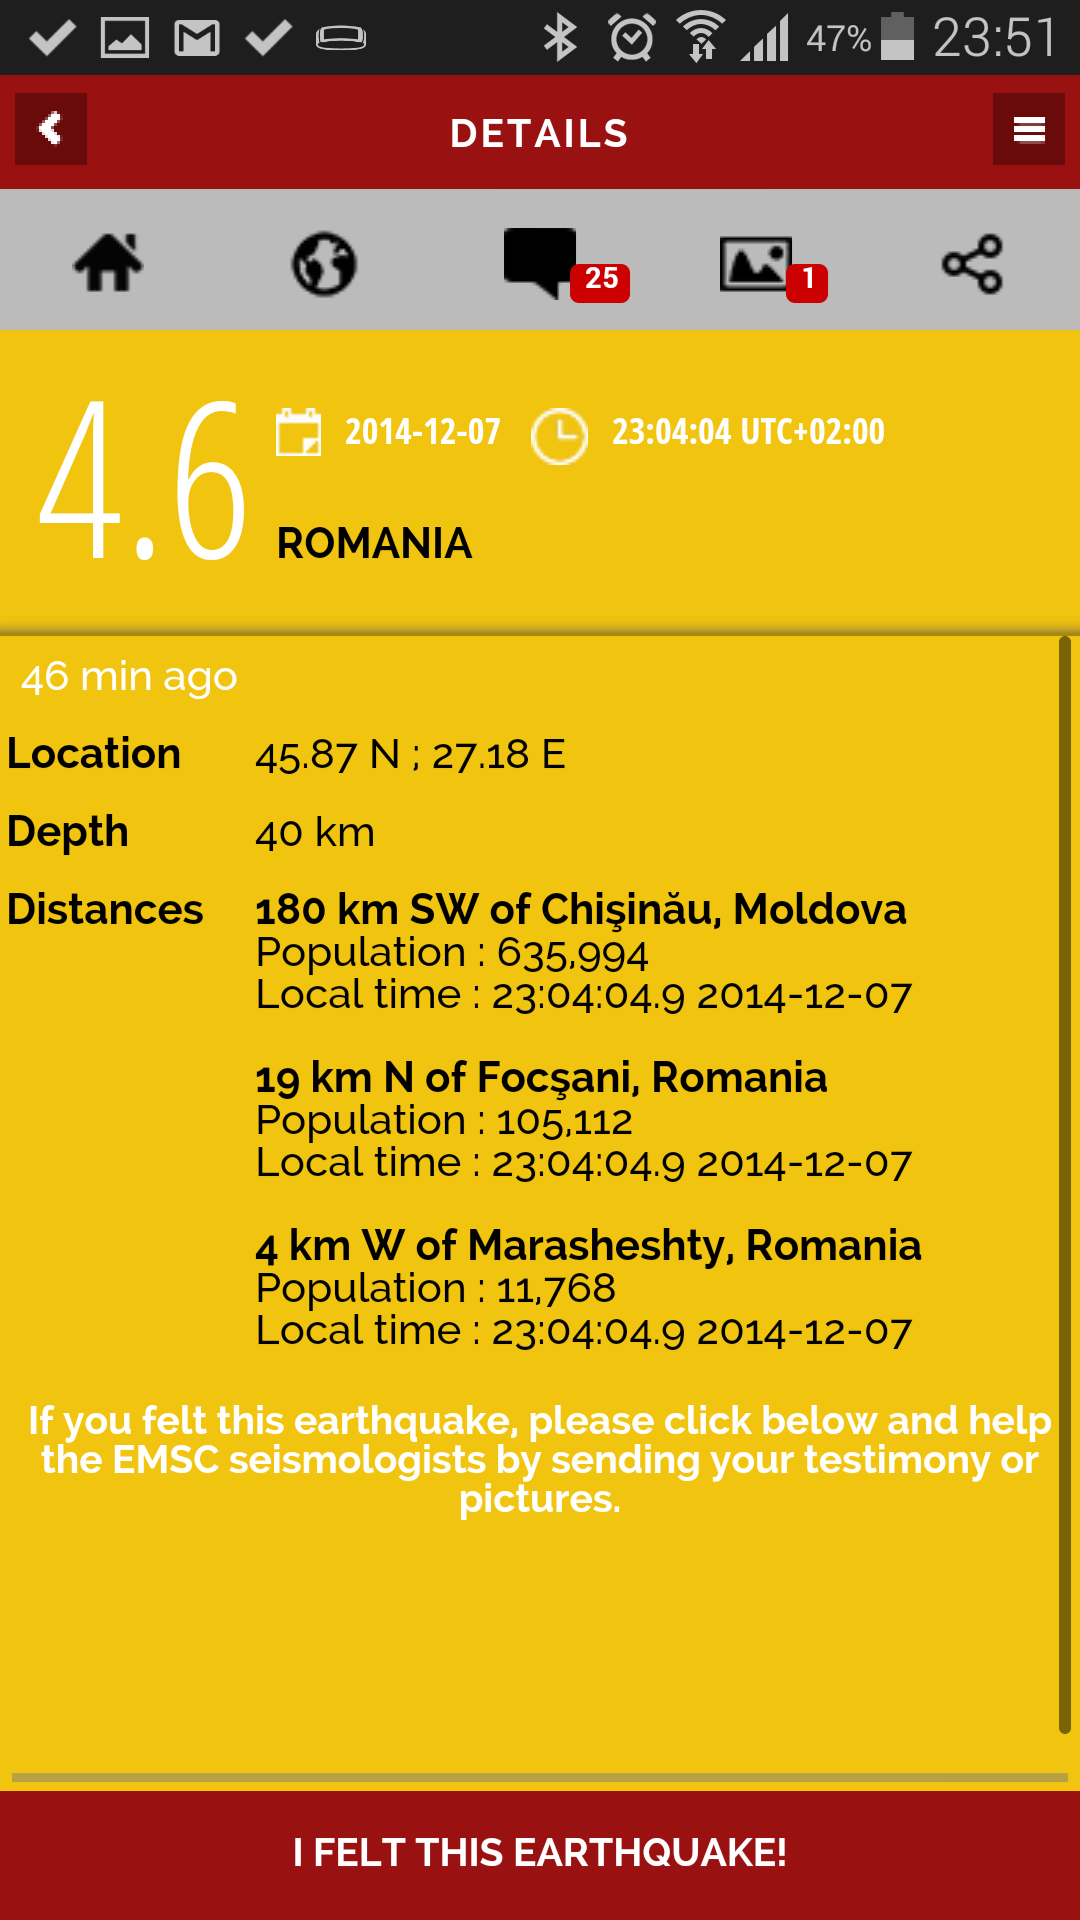 Cutremurele din era internetului